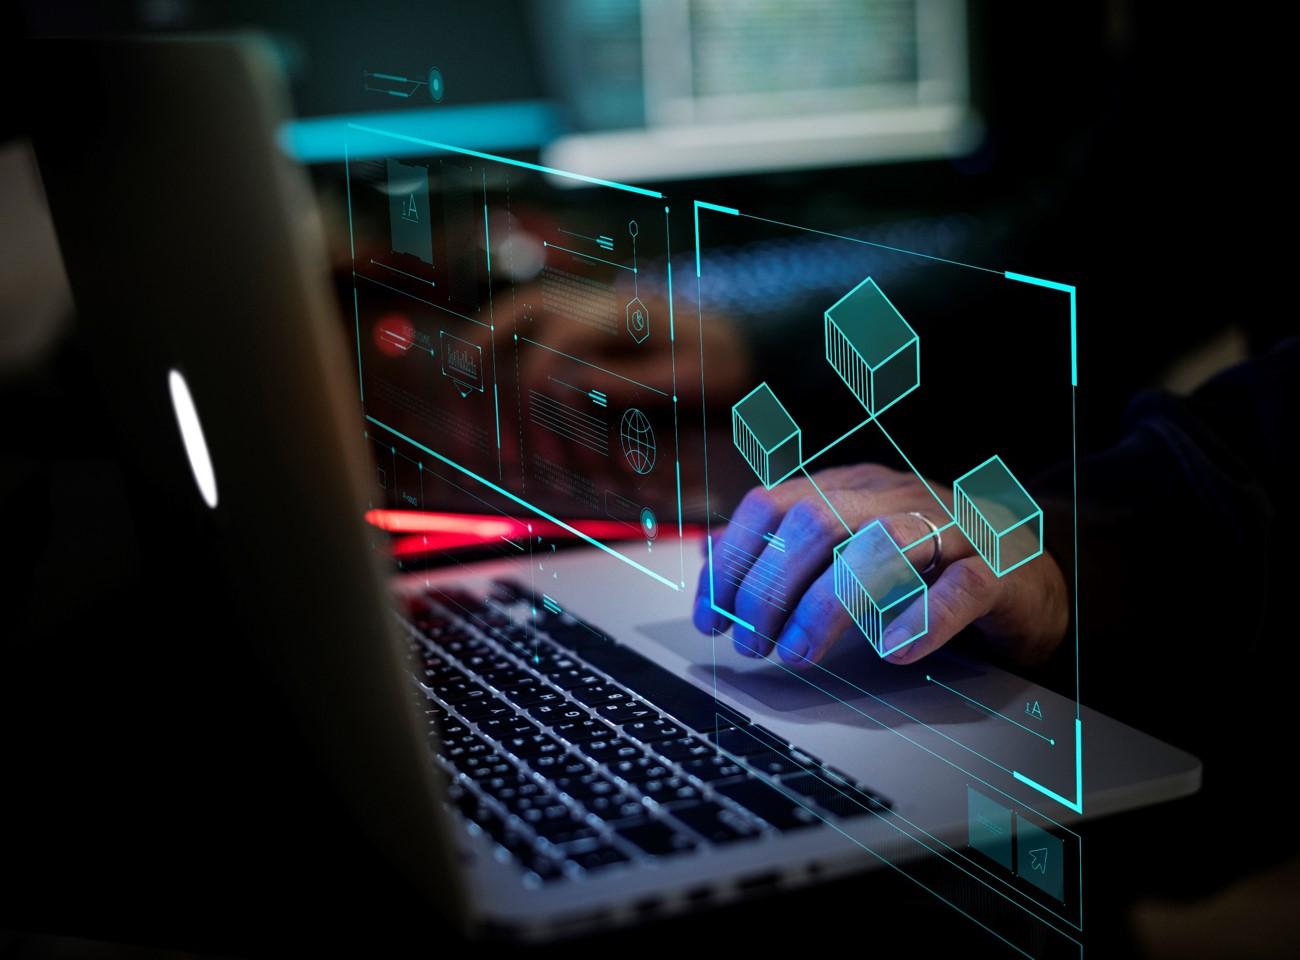 Akt o cyberbezpieczeństwie. Nowe kompetencje ENISA i wprowadzenie mechanizmu certyfikacji